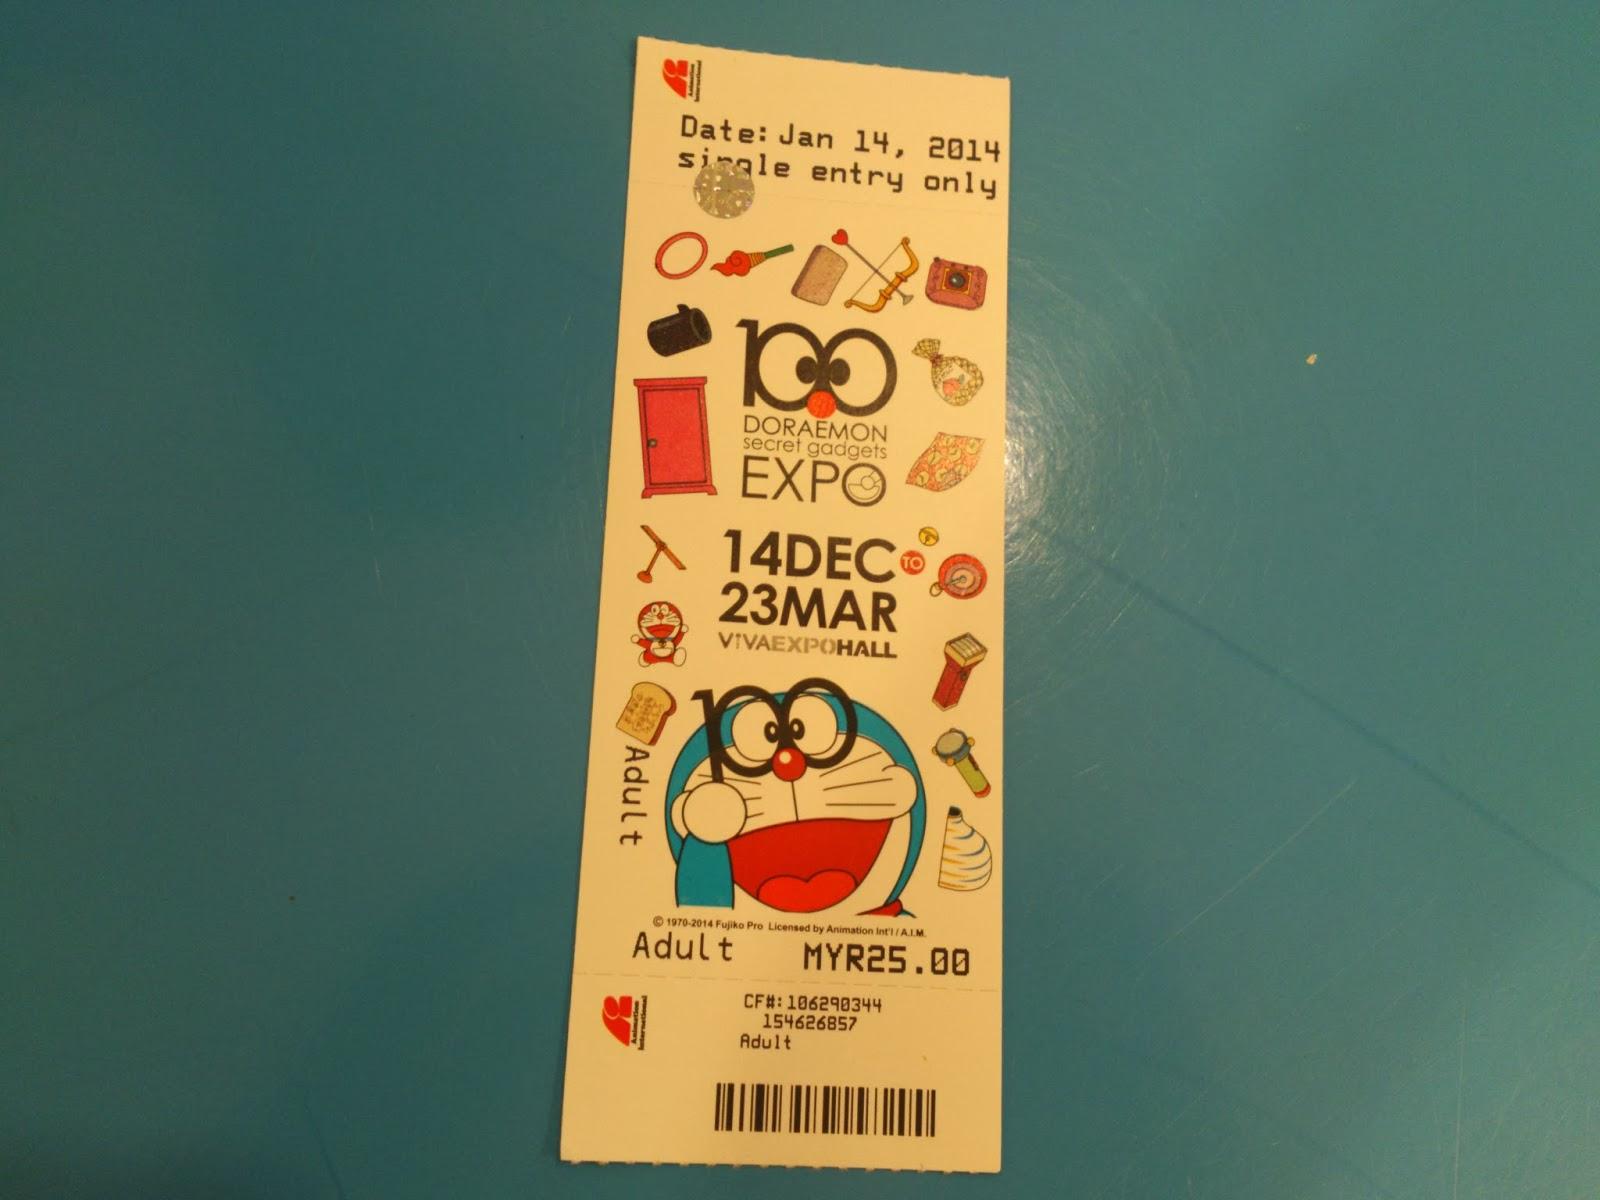 Doraemon Expo 2014 Ticket